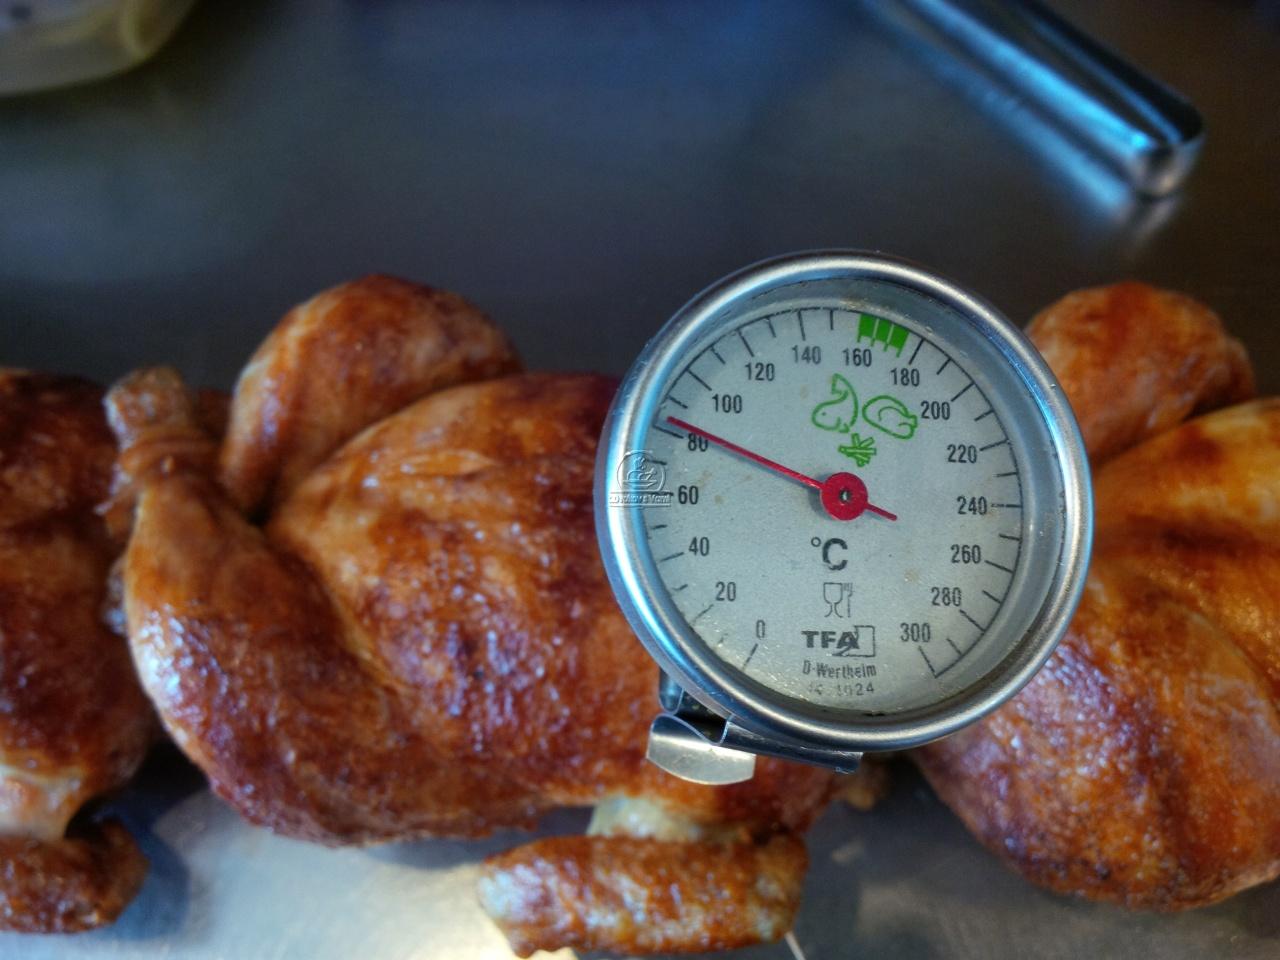 grilovane kura prievidza meranie teploty masa vpichovy teplomer